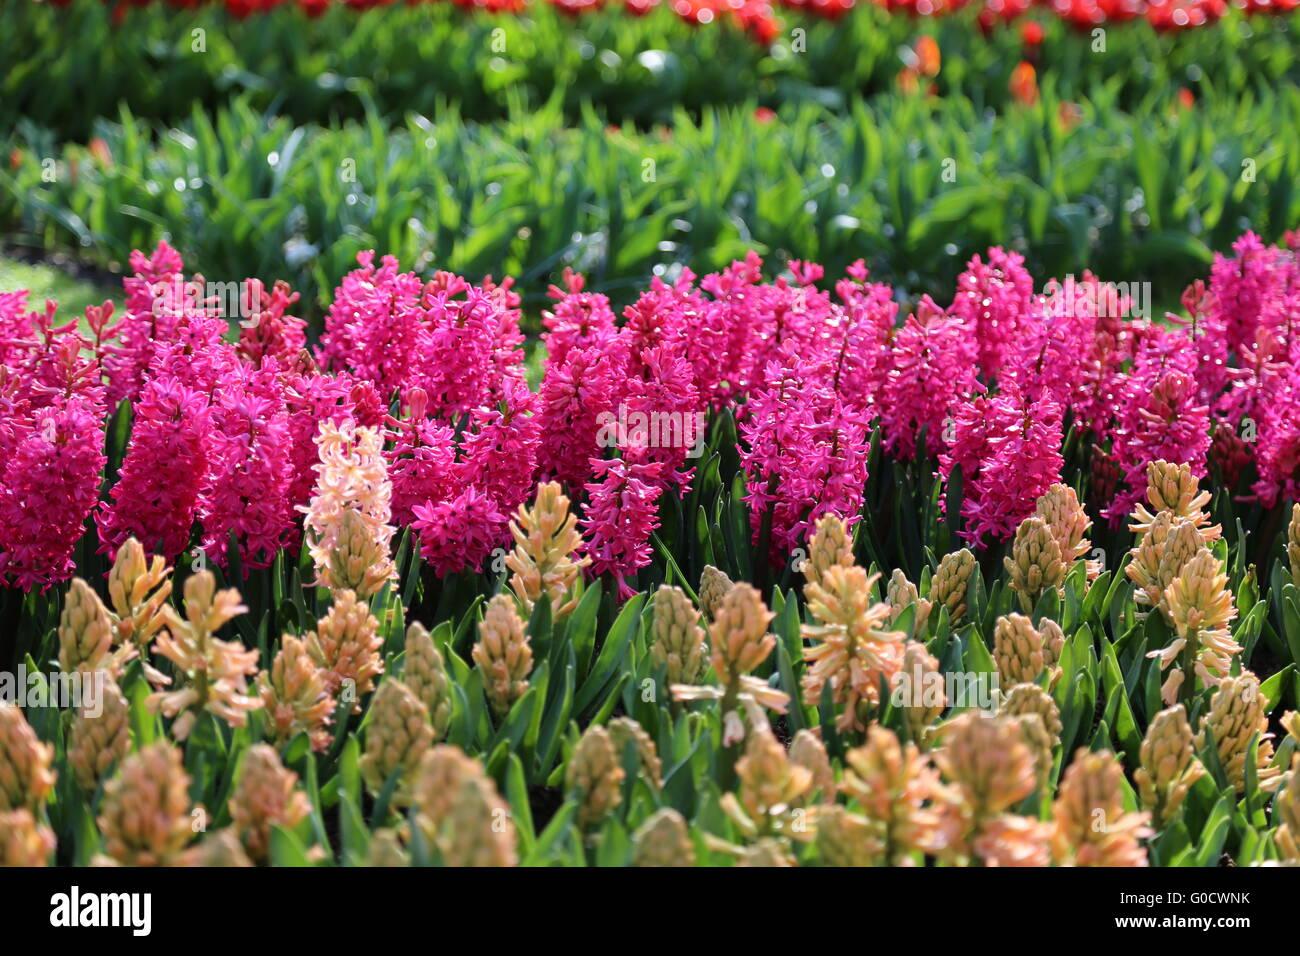 Pink hyacinths - Stock Image